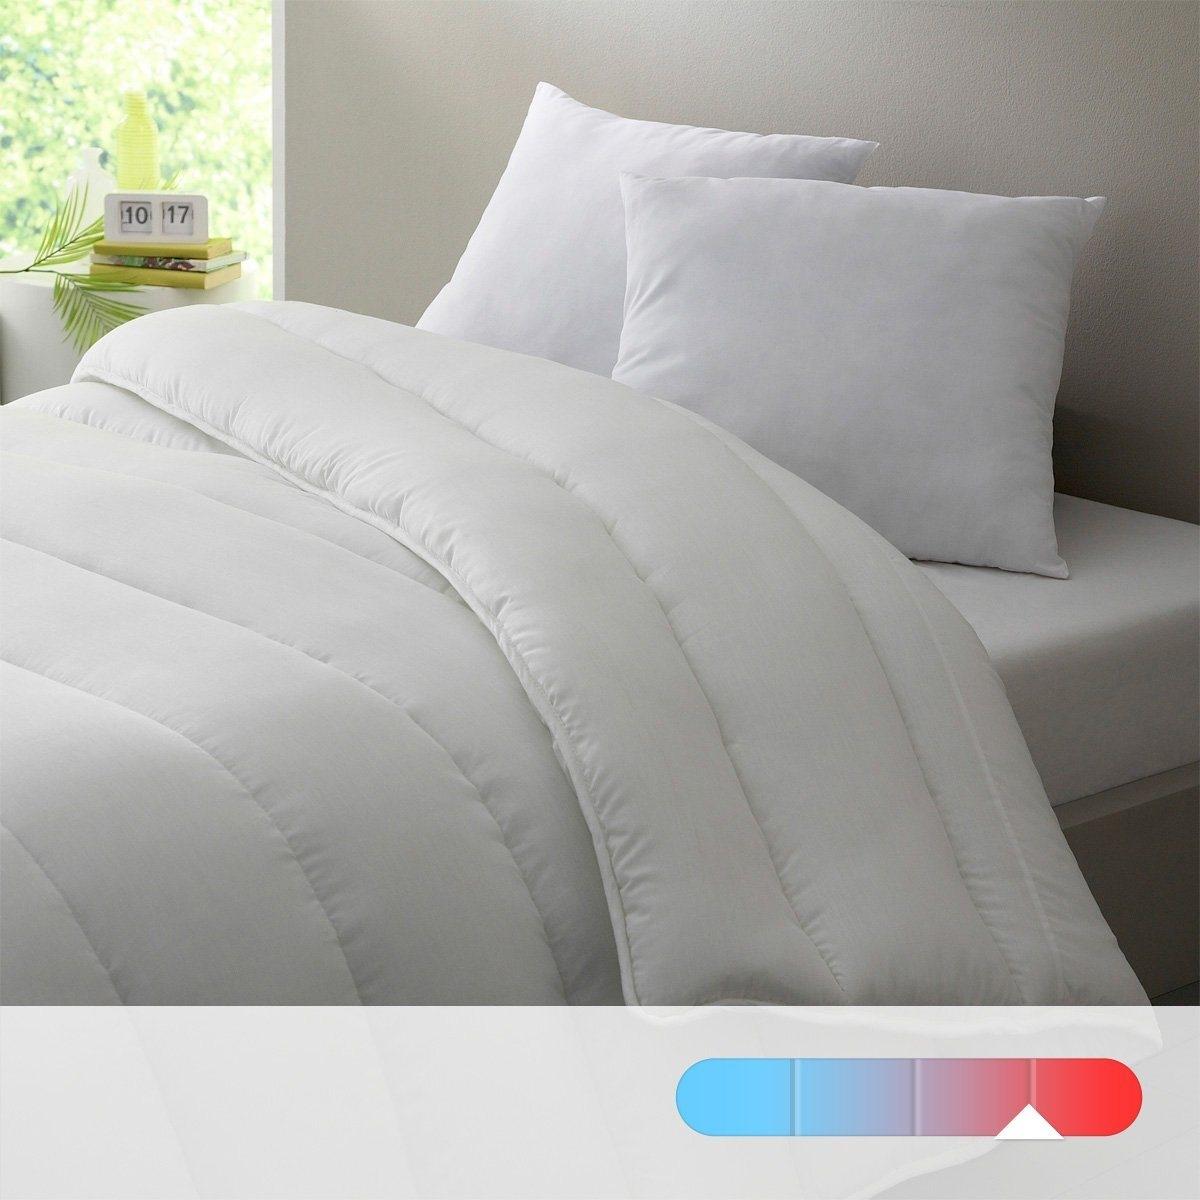 Oдеяло LA REDOUTE CREATION, 500  г/м?Одеяло. 100% полиэстера, полые силиконизированные волокна для большего комфорта. Прекрасное соотношение цены и качества. Плотность: 500 г/м?. Теплое одеяло, идеально при температуре воздуха до 15-16°. Наполнитель: 100% полиэстер, полые силиконизированные волокна. Чехол: 100% полиэстер. Отделка кантом. Простежка по косой. Стирка при 30°.<br><br>Цвет: белый<br>Размер: 200 x 200  см.260 x 240  см